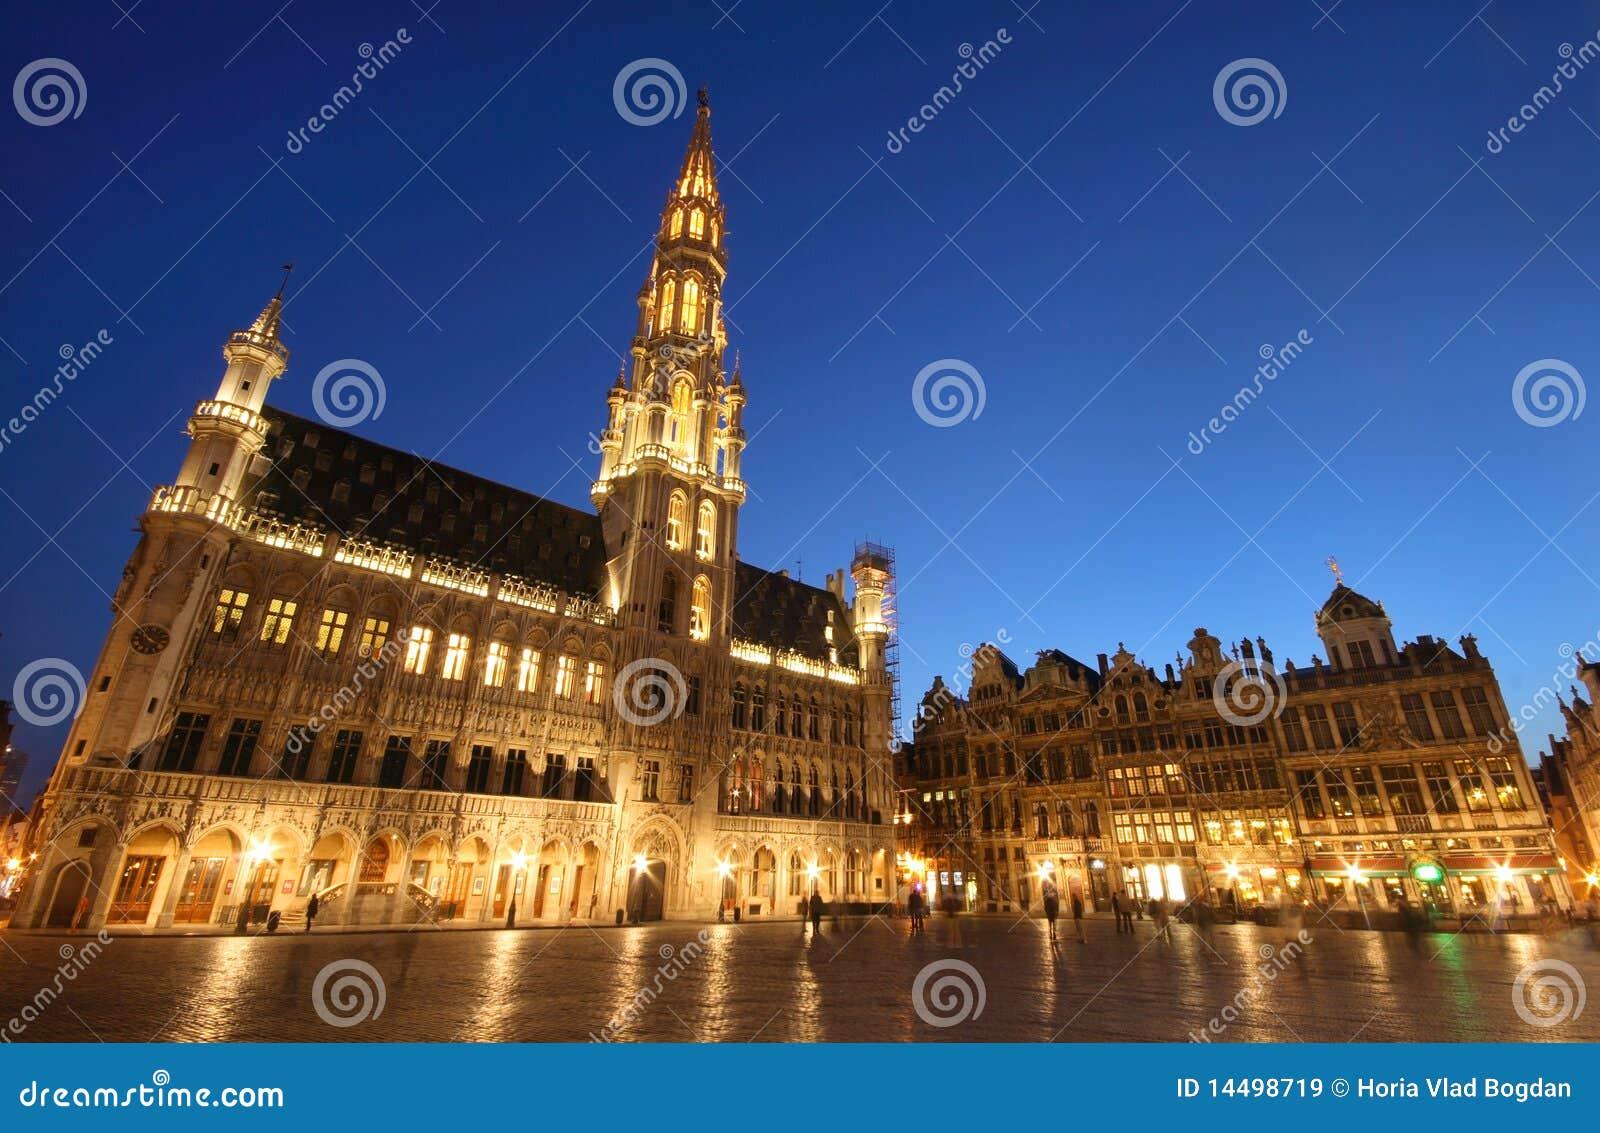 L 39 h tel de ville de bruxelles belgique nuit tir e for Hotel piscine bruxelles